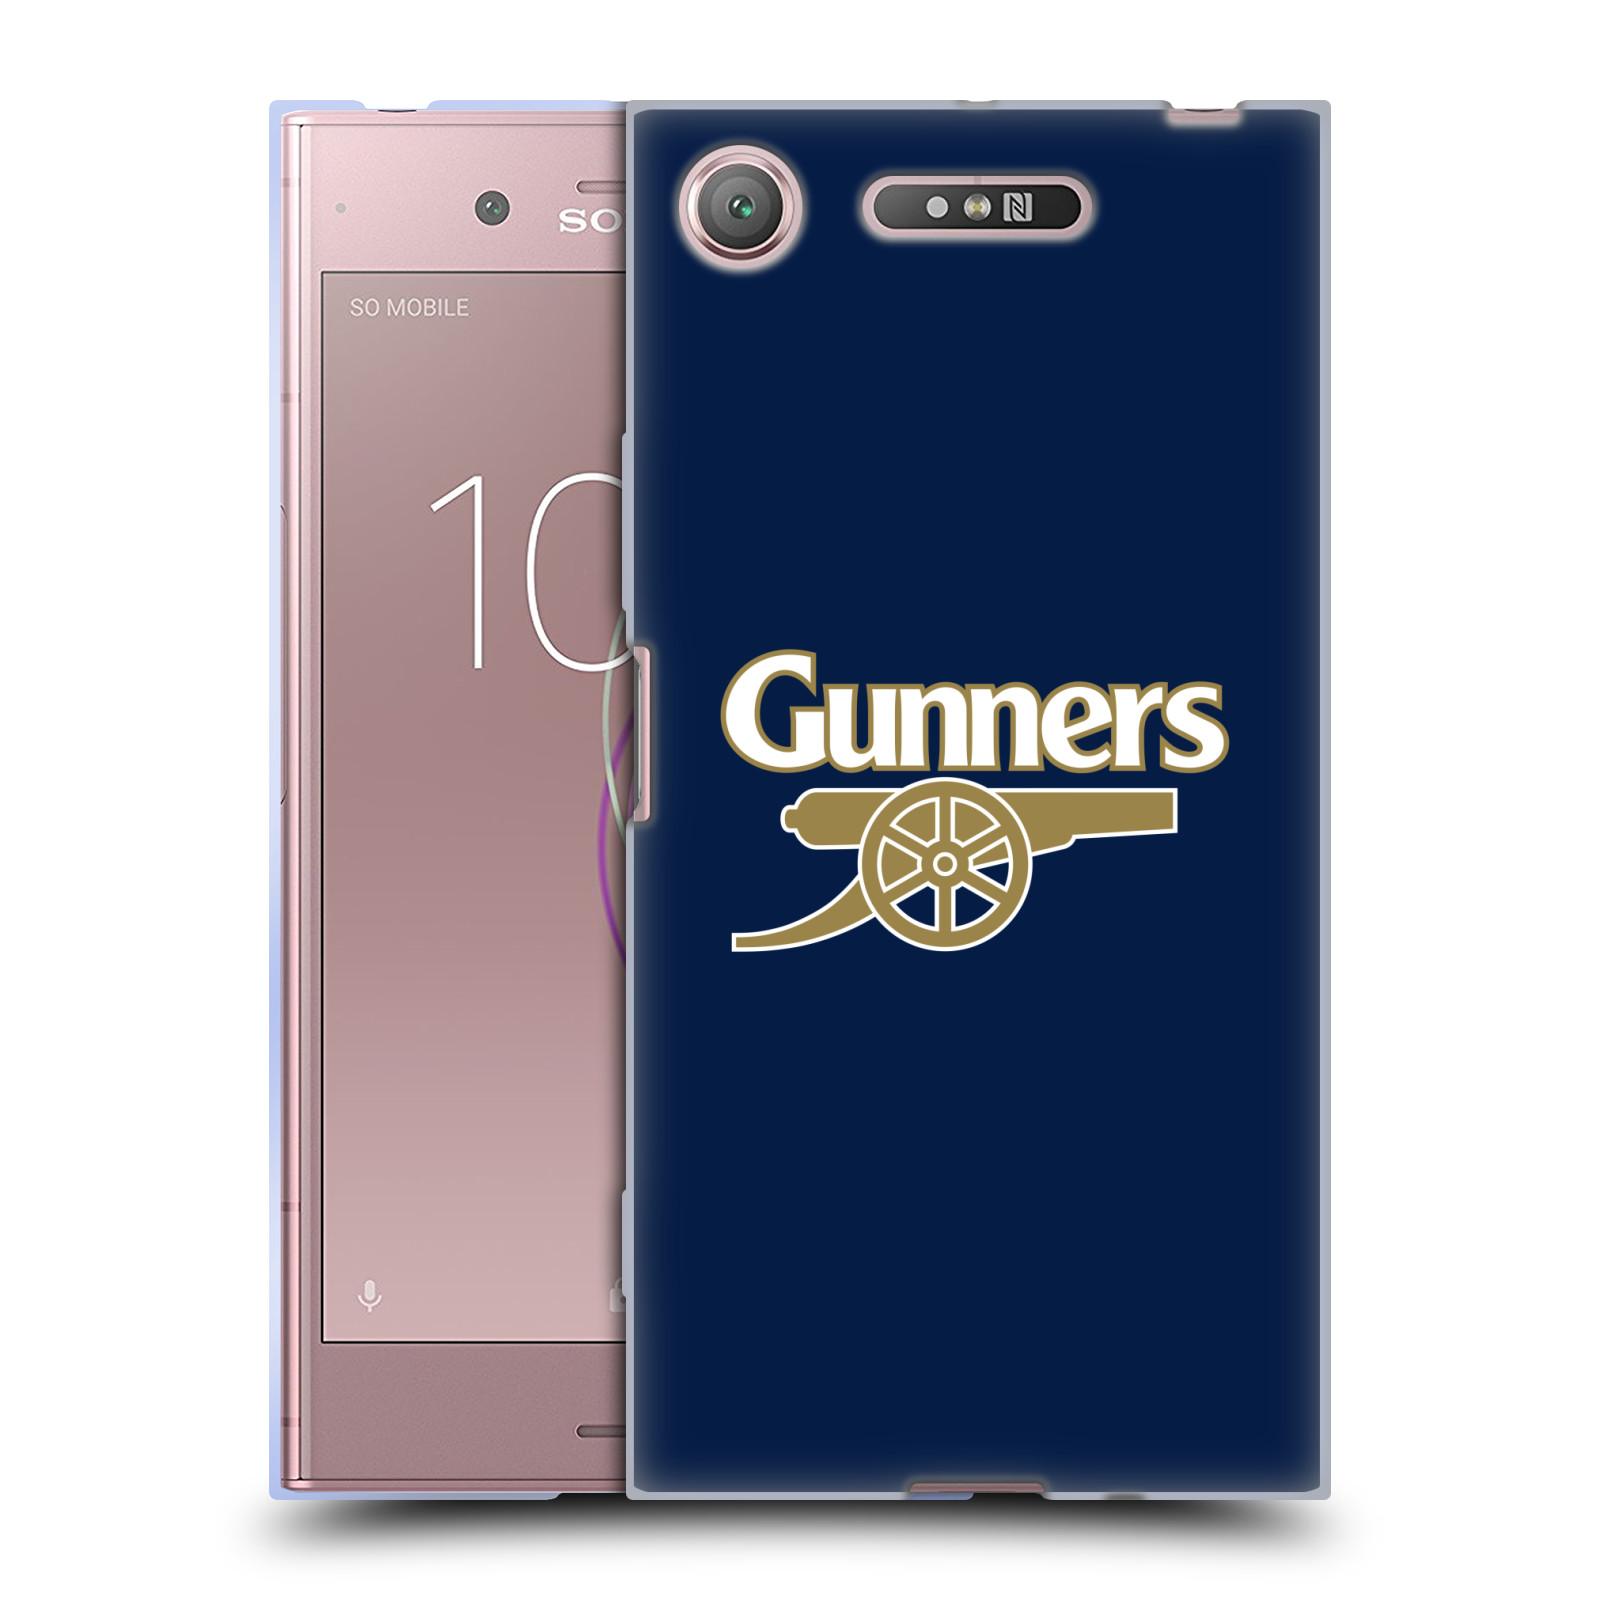 Silikonové pouzdro na mobil Sony Xperia XZ1 - Head Case - Arsenal FC - Gunners